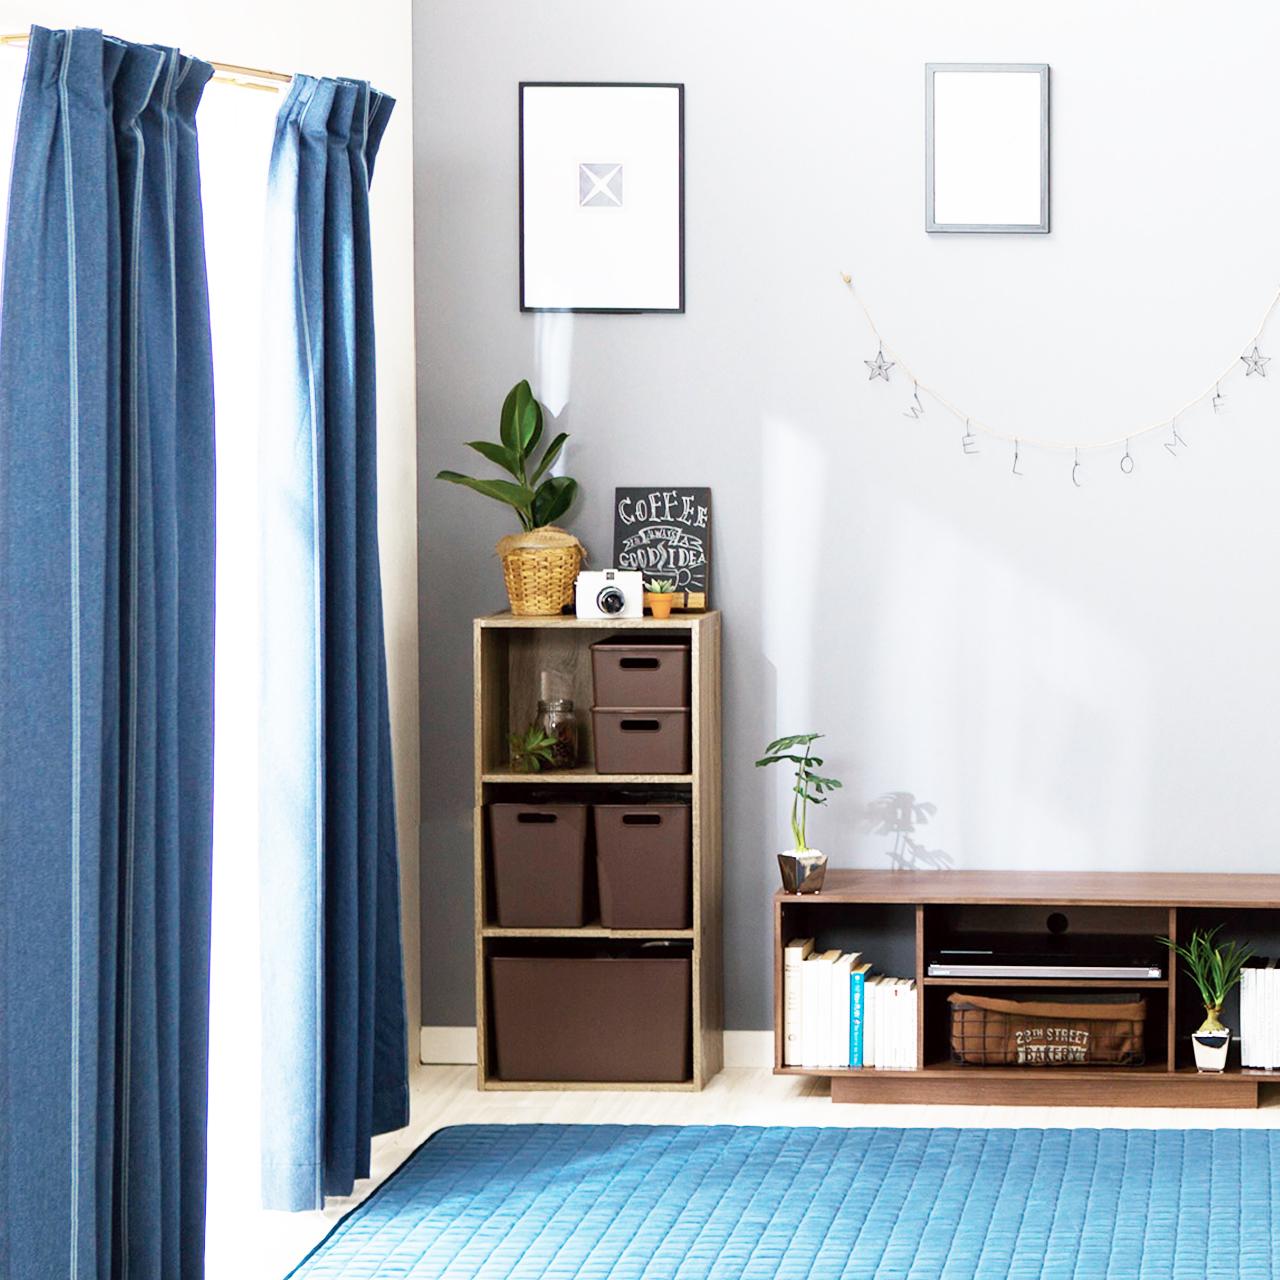 【無料モニター】DCMの収納ボックスが便利☆すっきり部屋を片付けたいユーザーさん大募集!